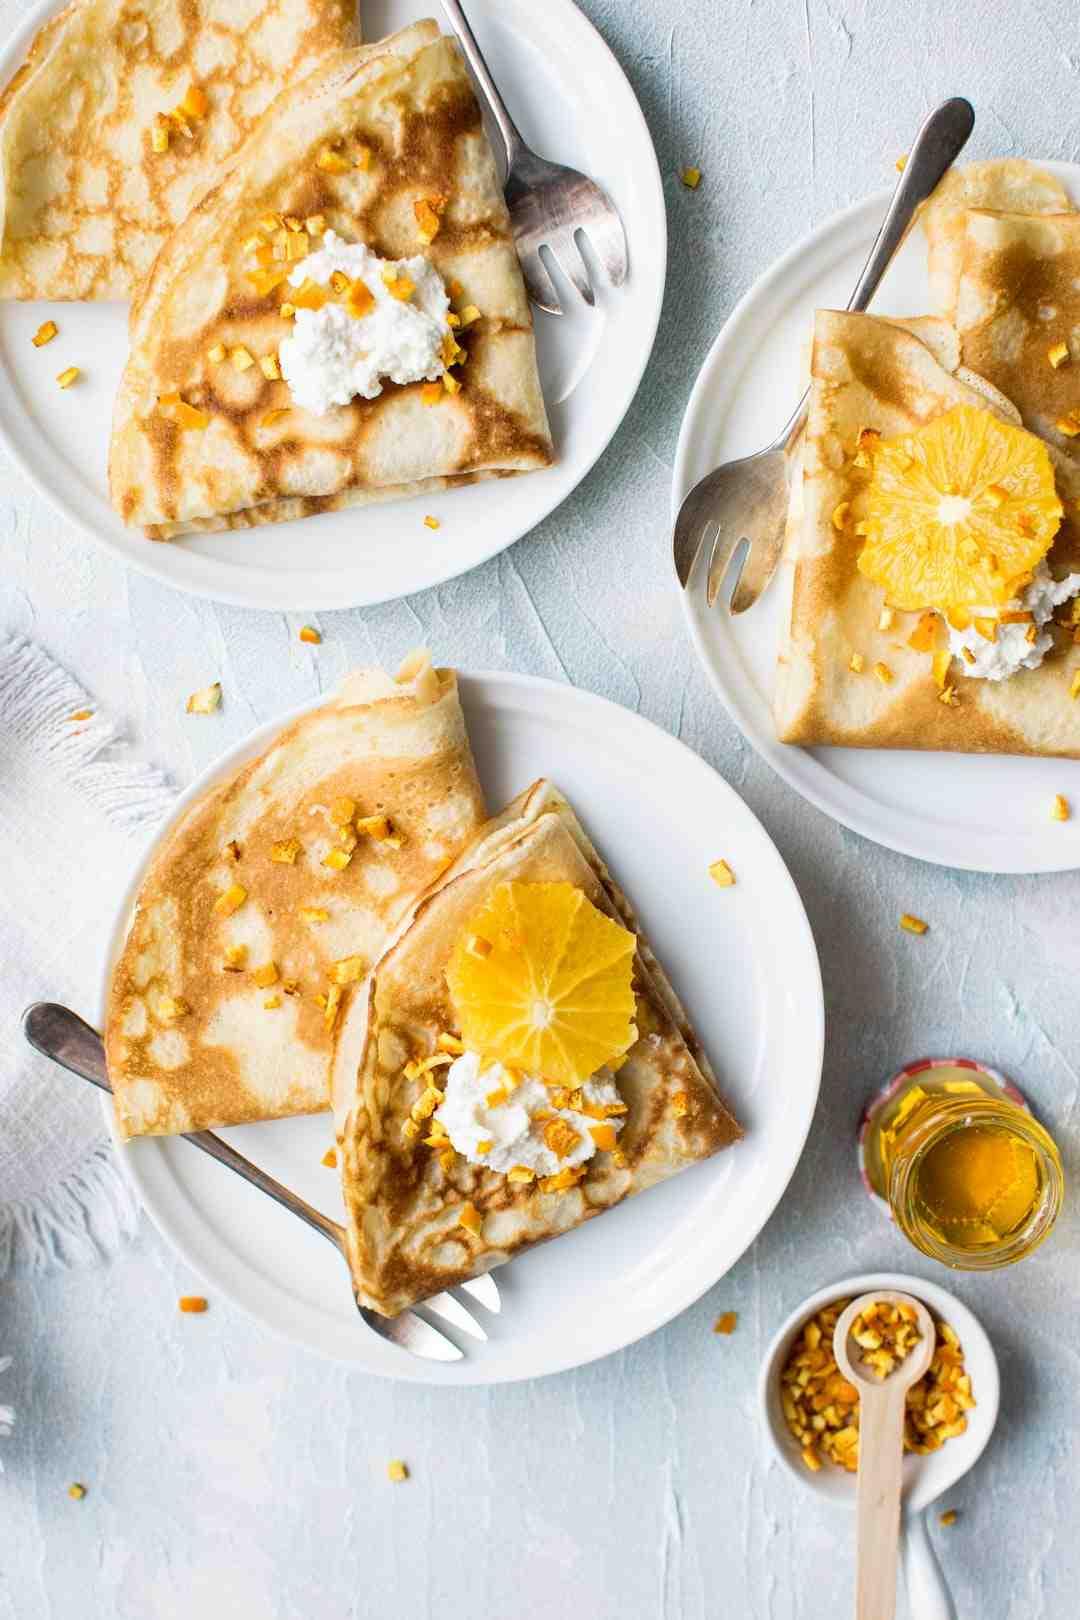 Comment enlever les grumeaux dans la pâte à crêpe ?